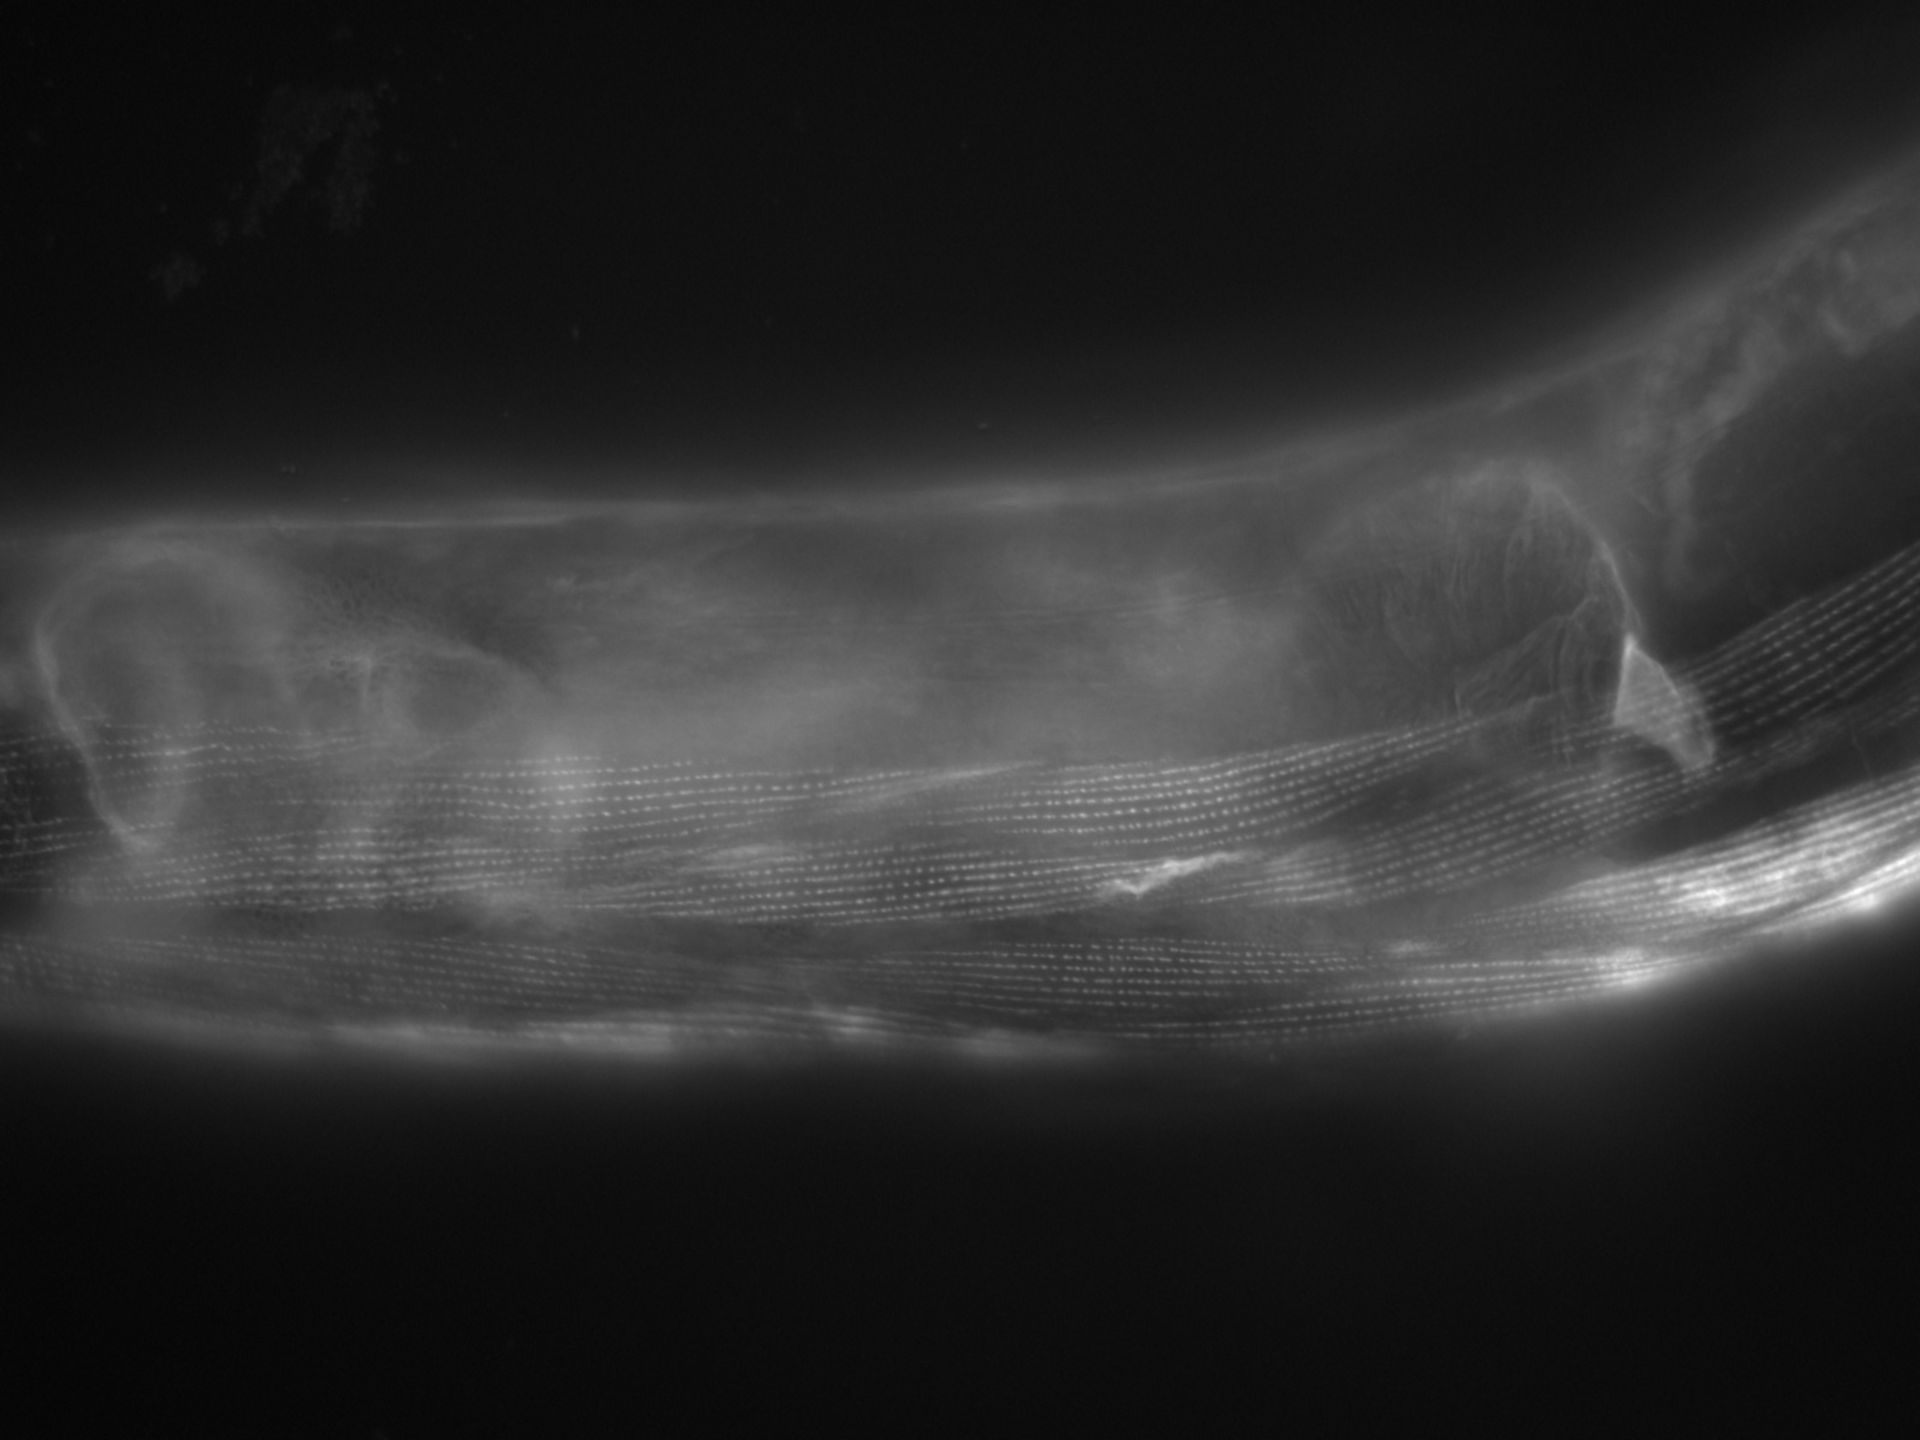 Caenorhabditis elegans (Actin filament) - CIL:1178